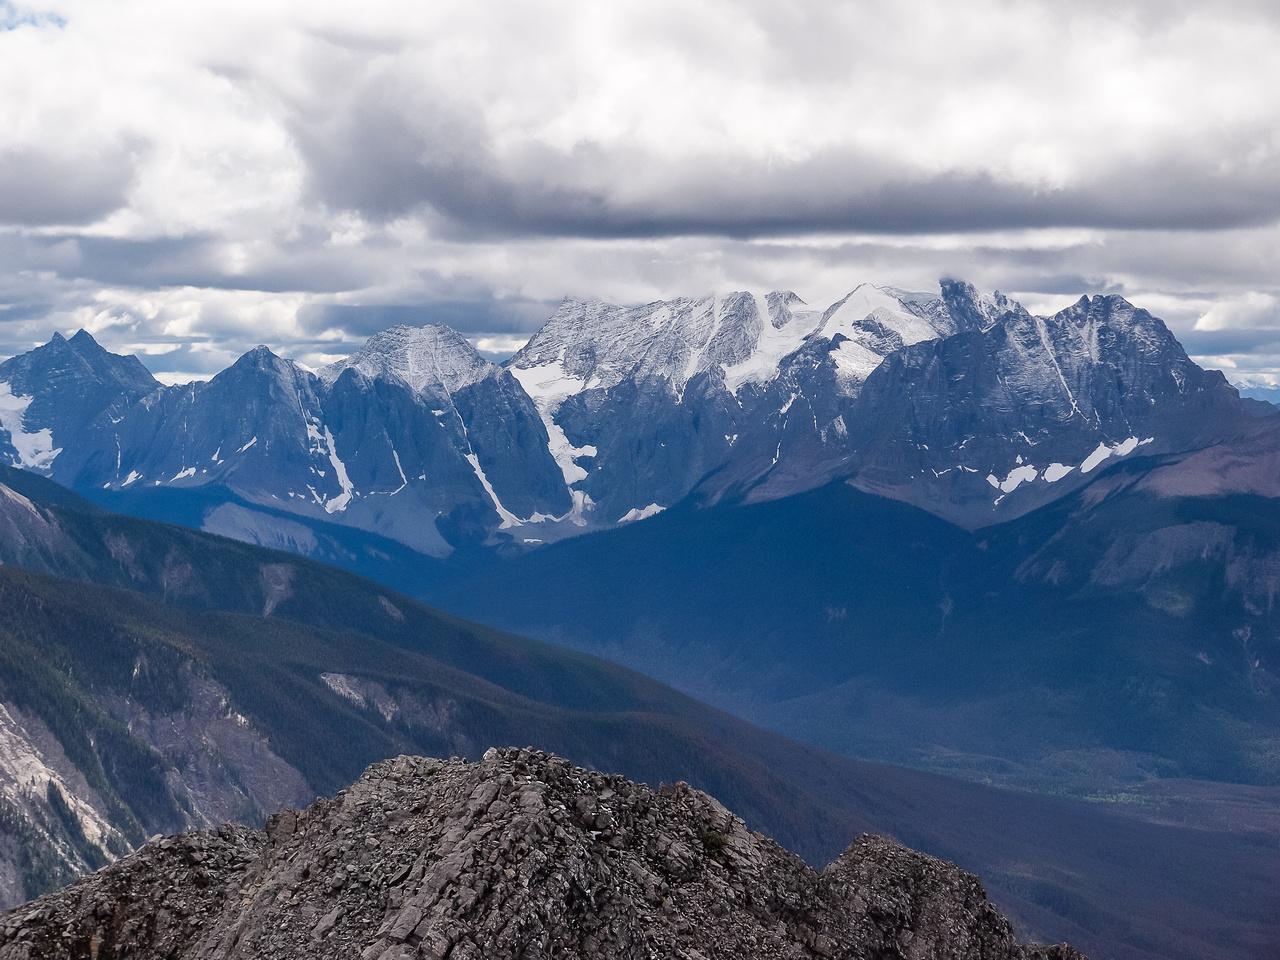 Looking towards Mount Vaux.